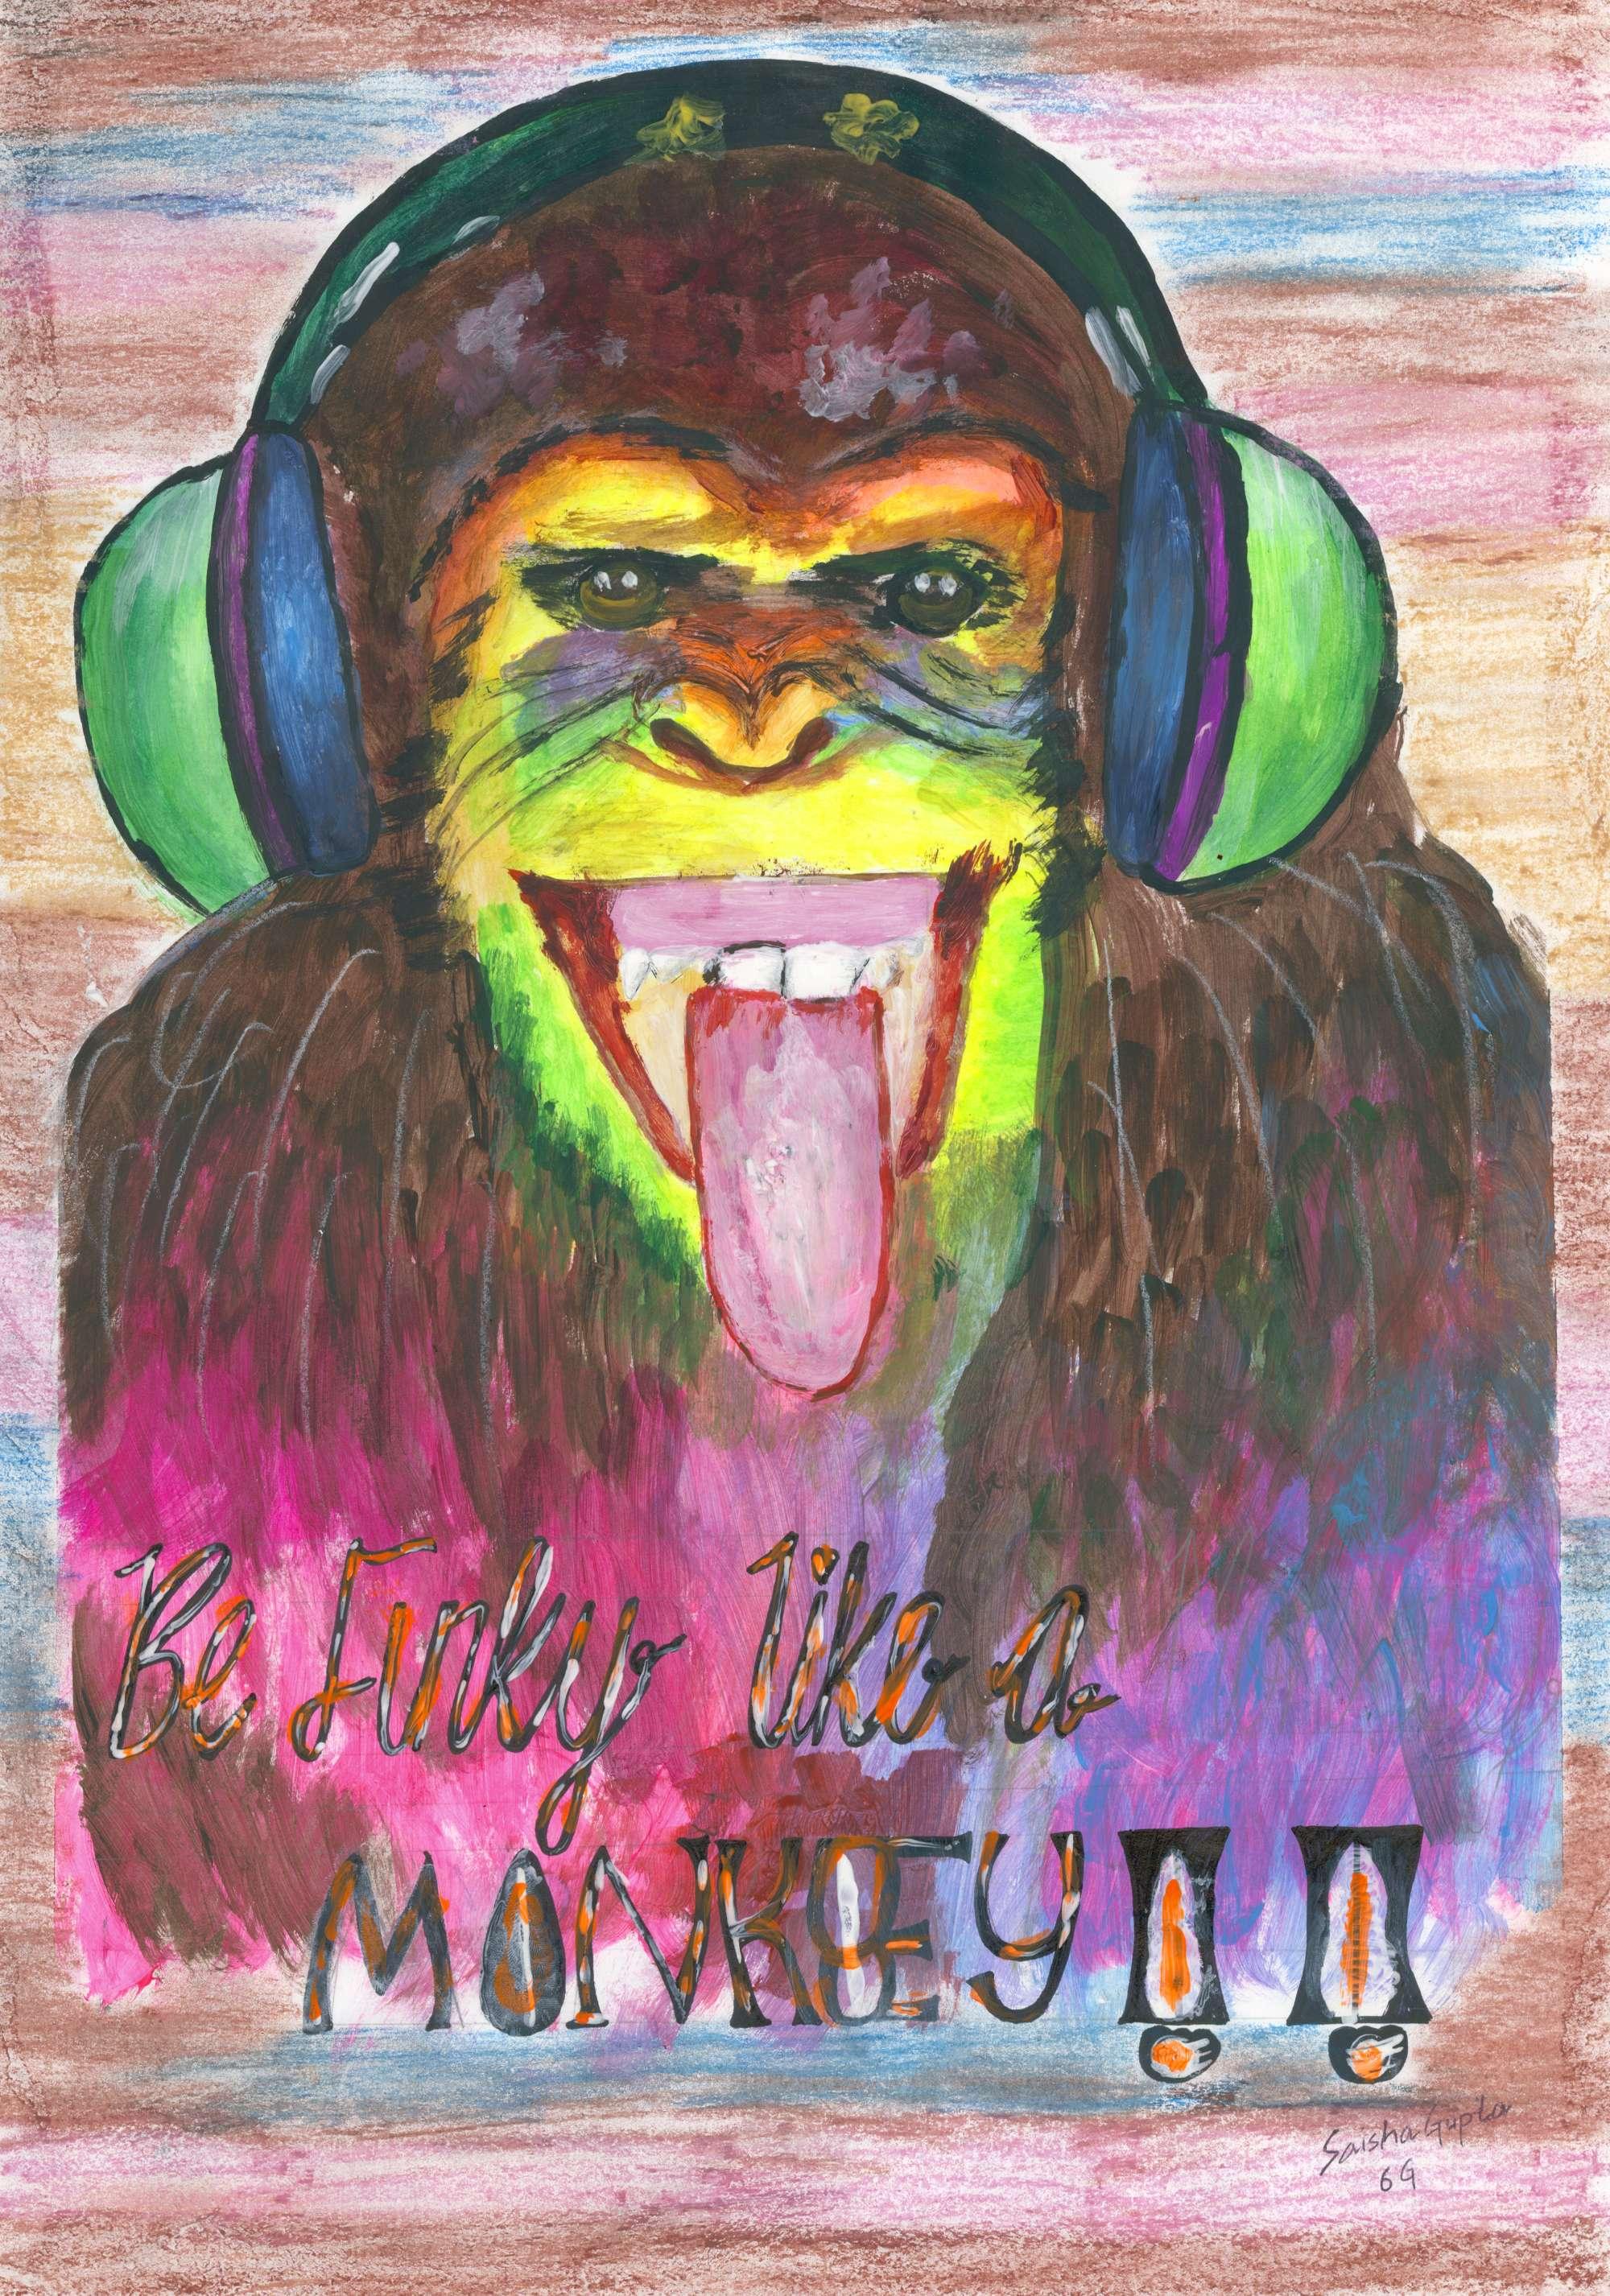 Be Funky Like a Monkey